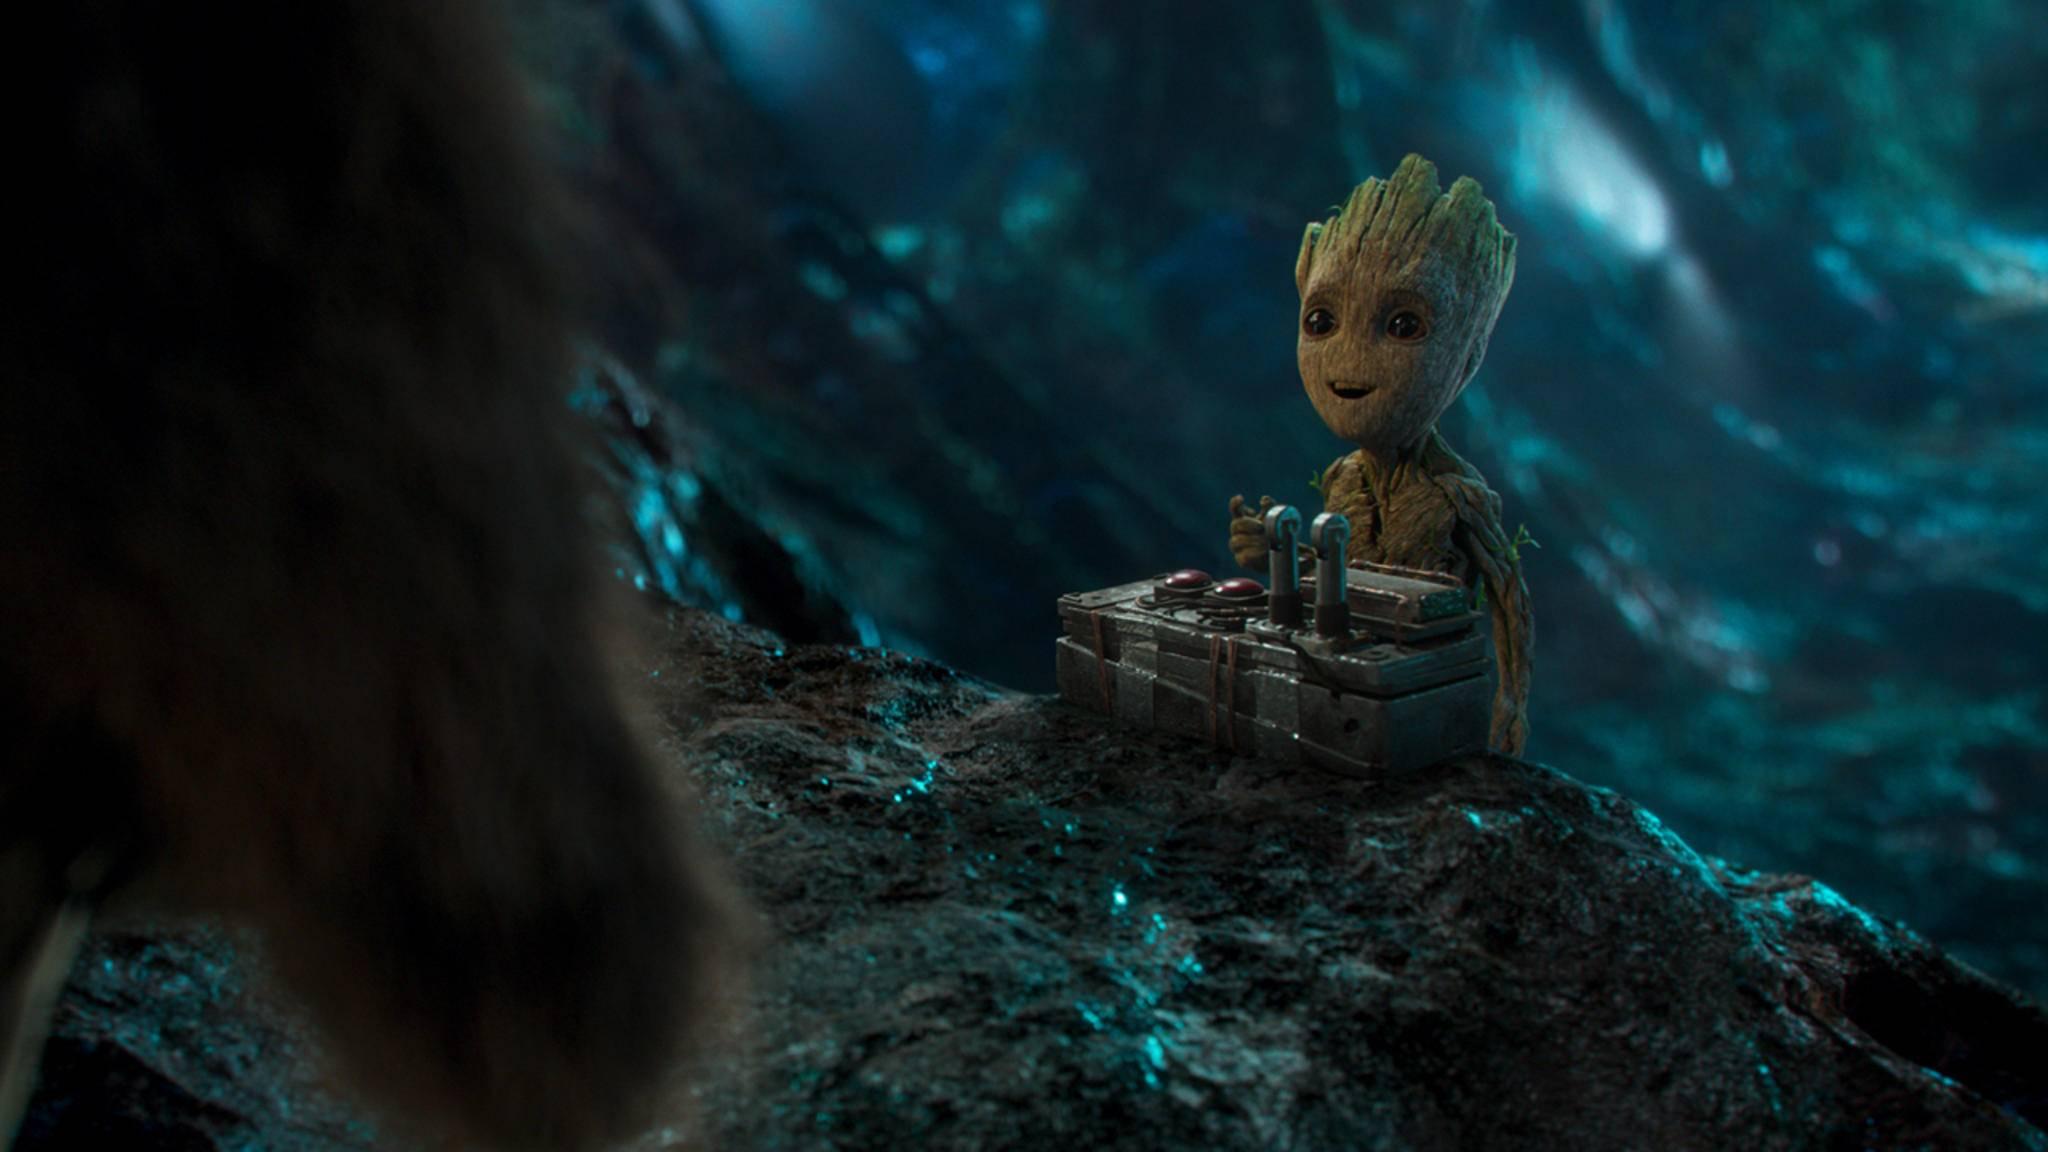 Schau mal, wer zurück ist, Groot!